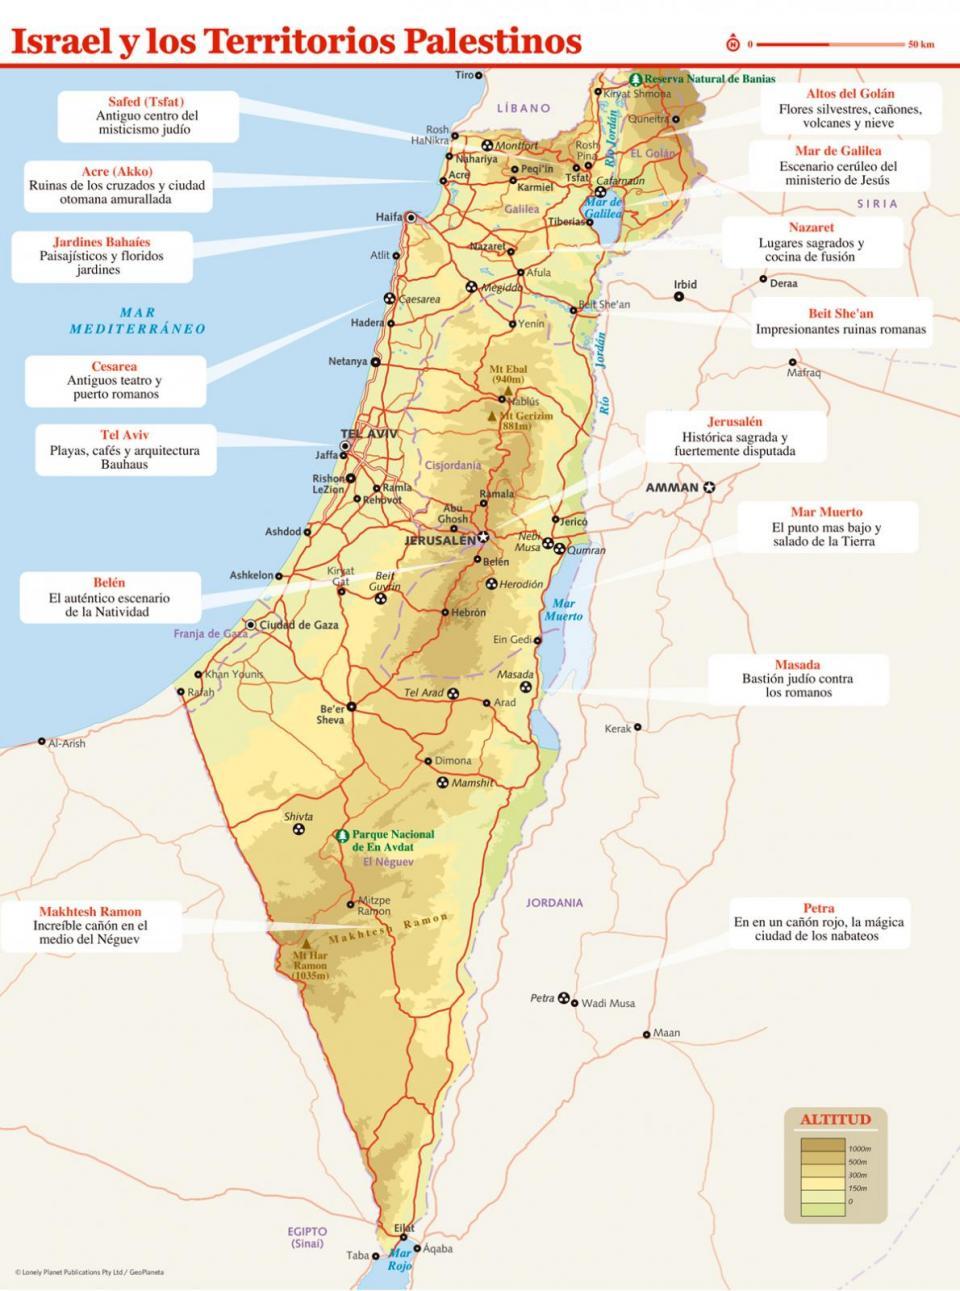 Mapa de Israel y los Territorios Palestinos para preparar tu viaje a Israel y los Territorios Palestinos de la forma más sencilla.